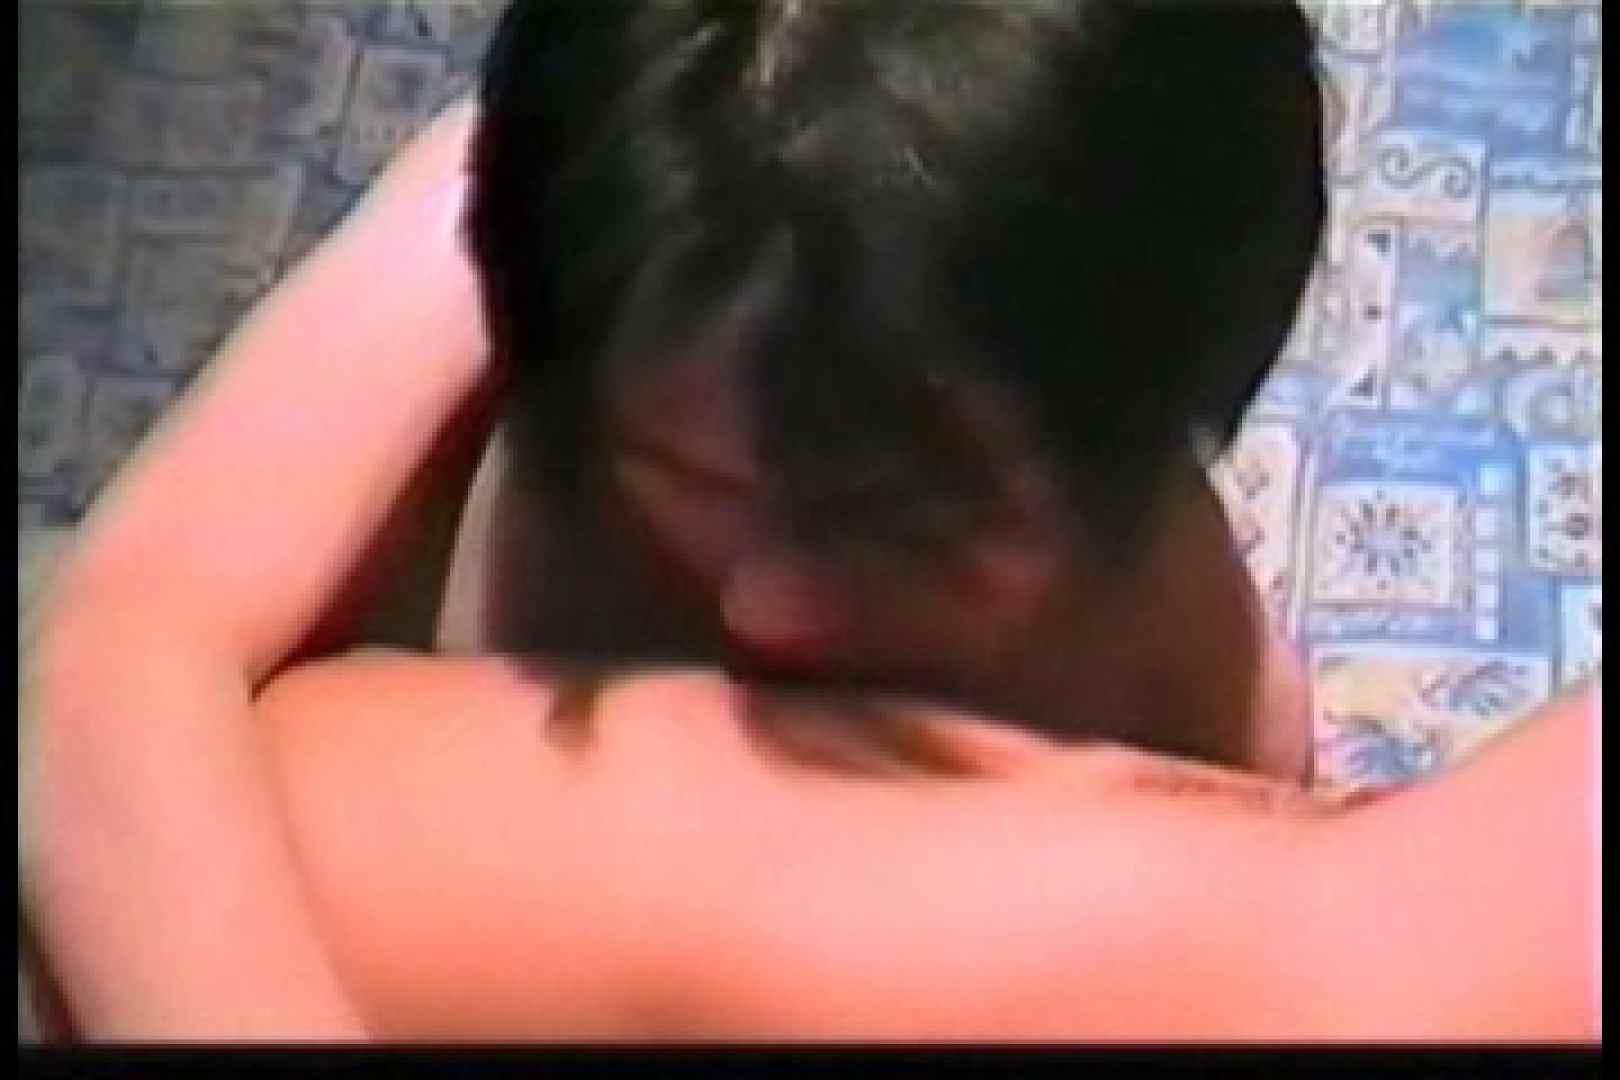 【投稿作品】秘蔵流出ビデオ!!甘い追憶 投稿 ちんぽ画像 7枚 2